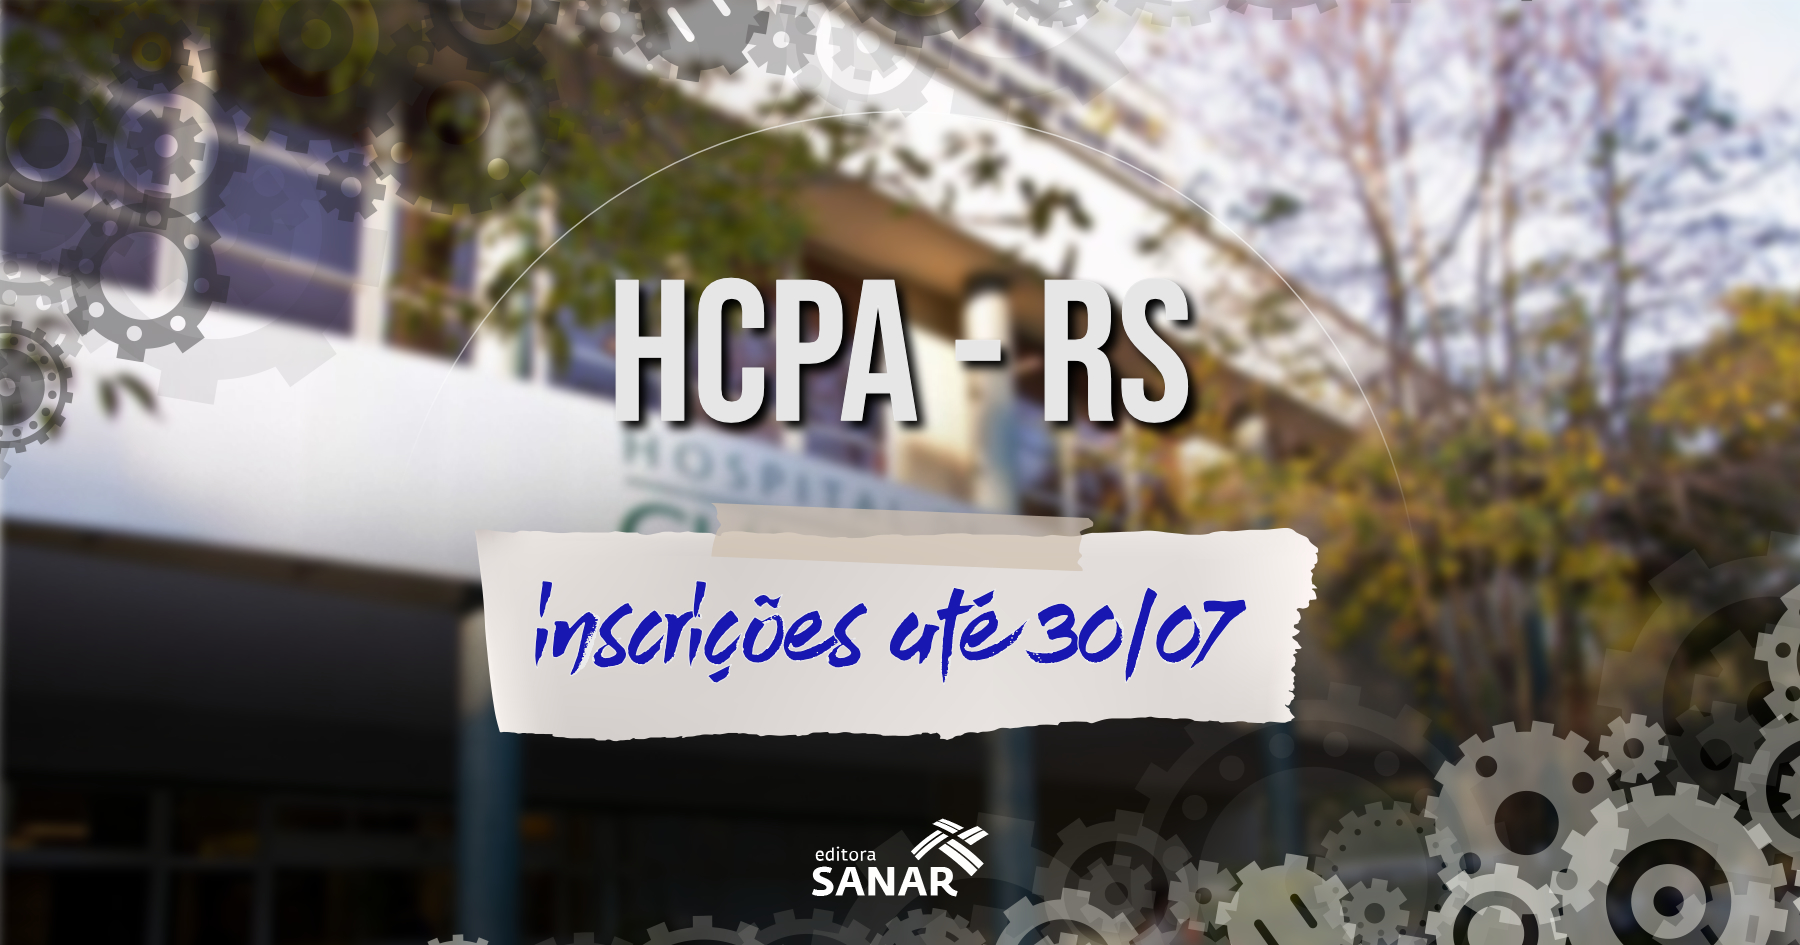 Seleção HCPA - Hospital gaúcho divulga edital